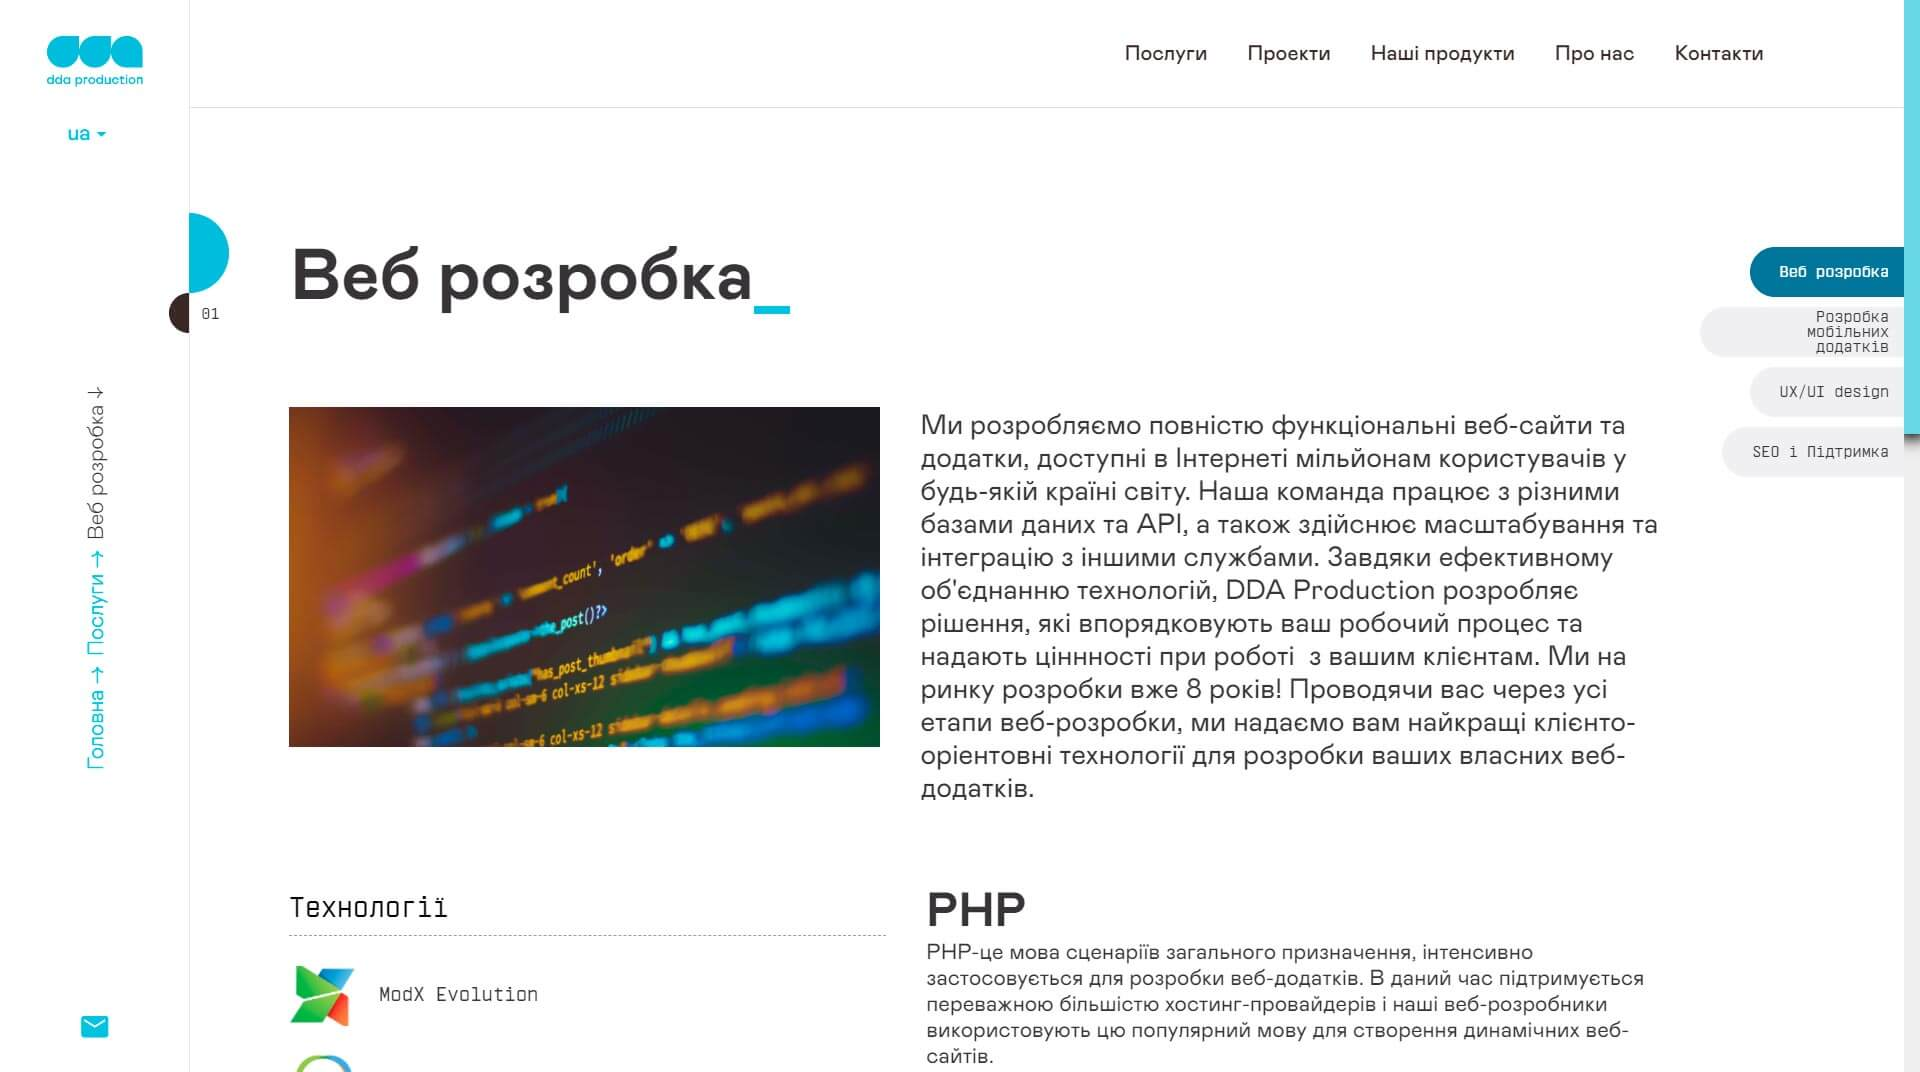 DDA Production - обзор компании, услуги, отзывы, клиенты, Фото № 2 - google-seo.pro